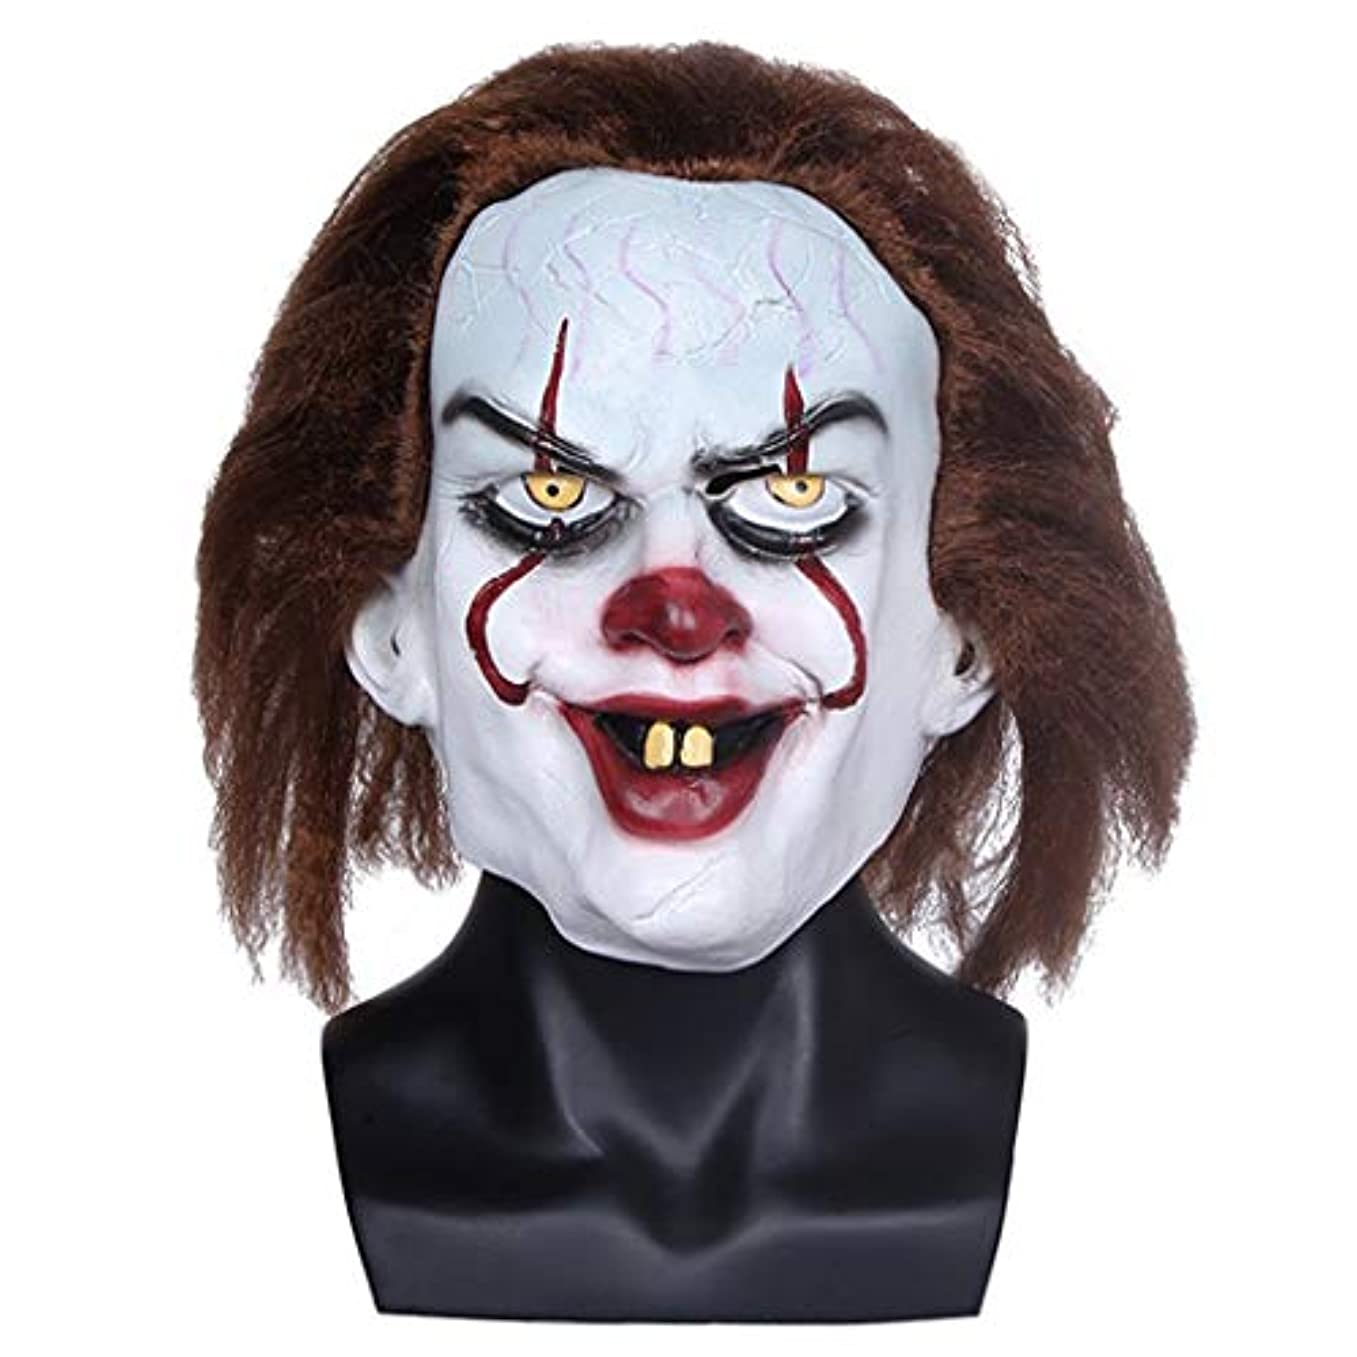 散文比喩適応するハロウィンマスク大人の男性用ラテックスヘッドギアホラーピエロマスク笑顔変な顔映画小道具仮面舞踏会マスク